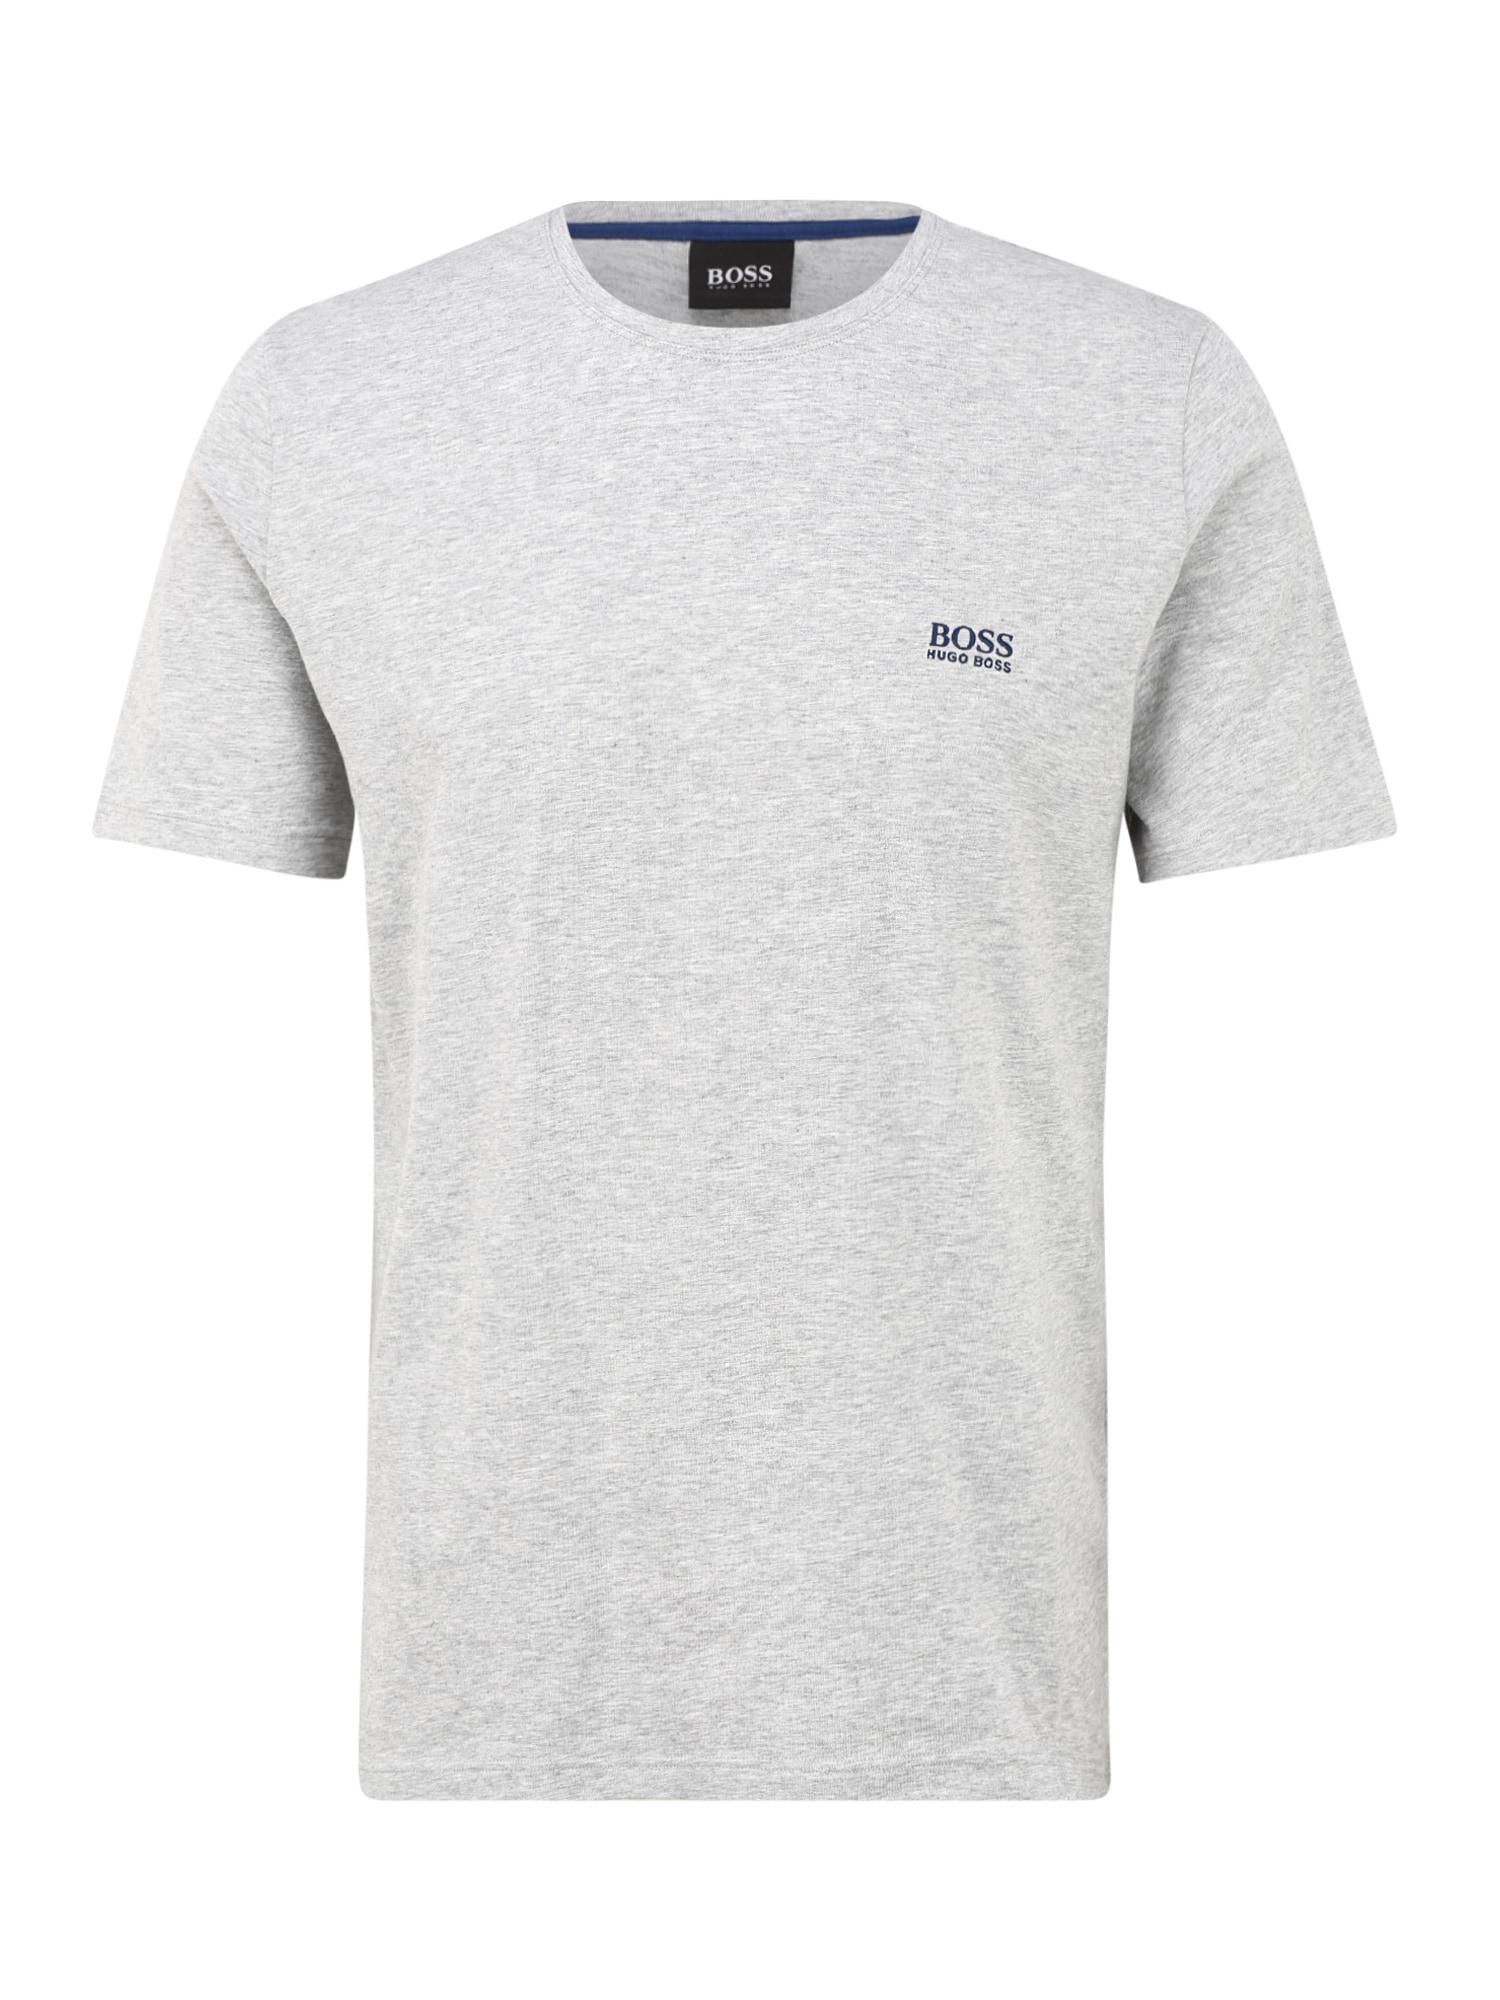 BOSS Apatiniai marškinėliai šviesiai pilka